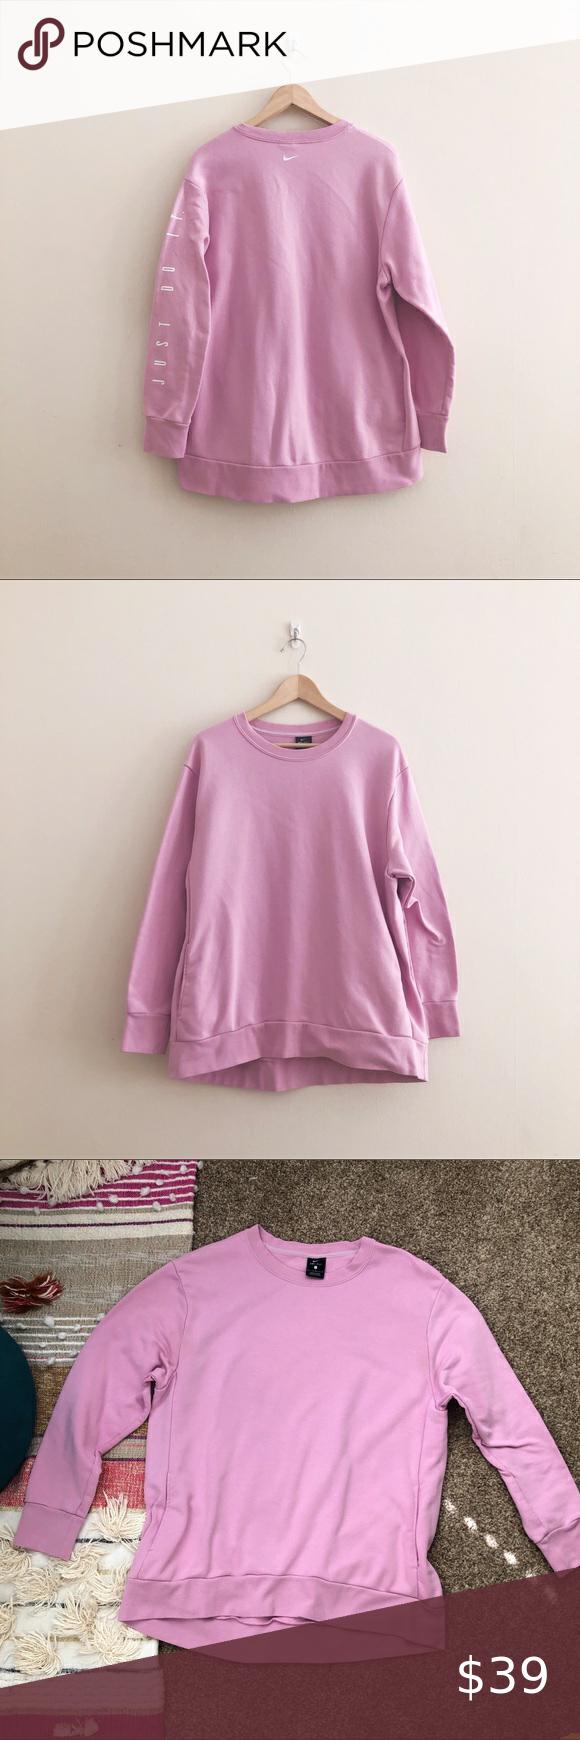 Nike Dri Fit Just Do It Crewneck Sweatshirt Pink Crew Neck Sweatshirt Pink Sweatshirt Long Sweatshirt [ 1740 x 580 Pixel ]